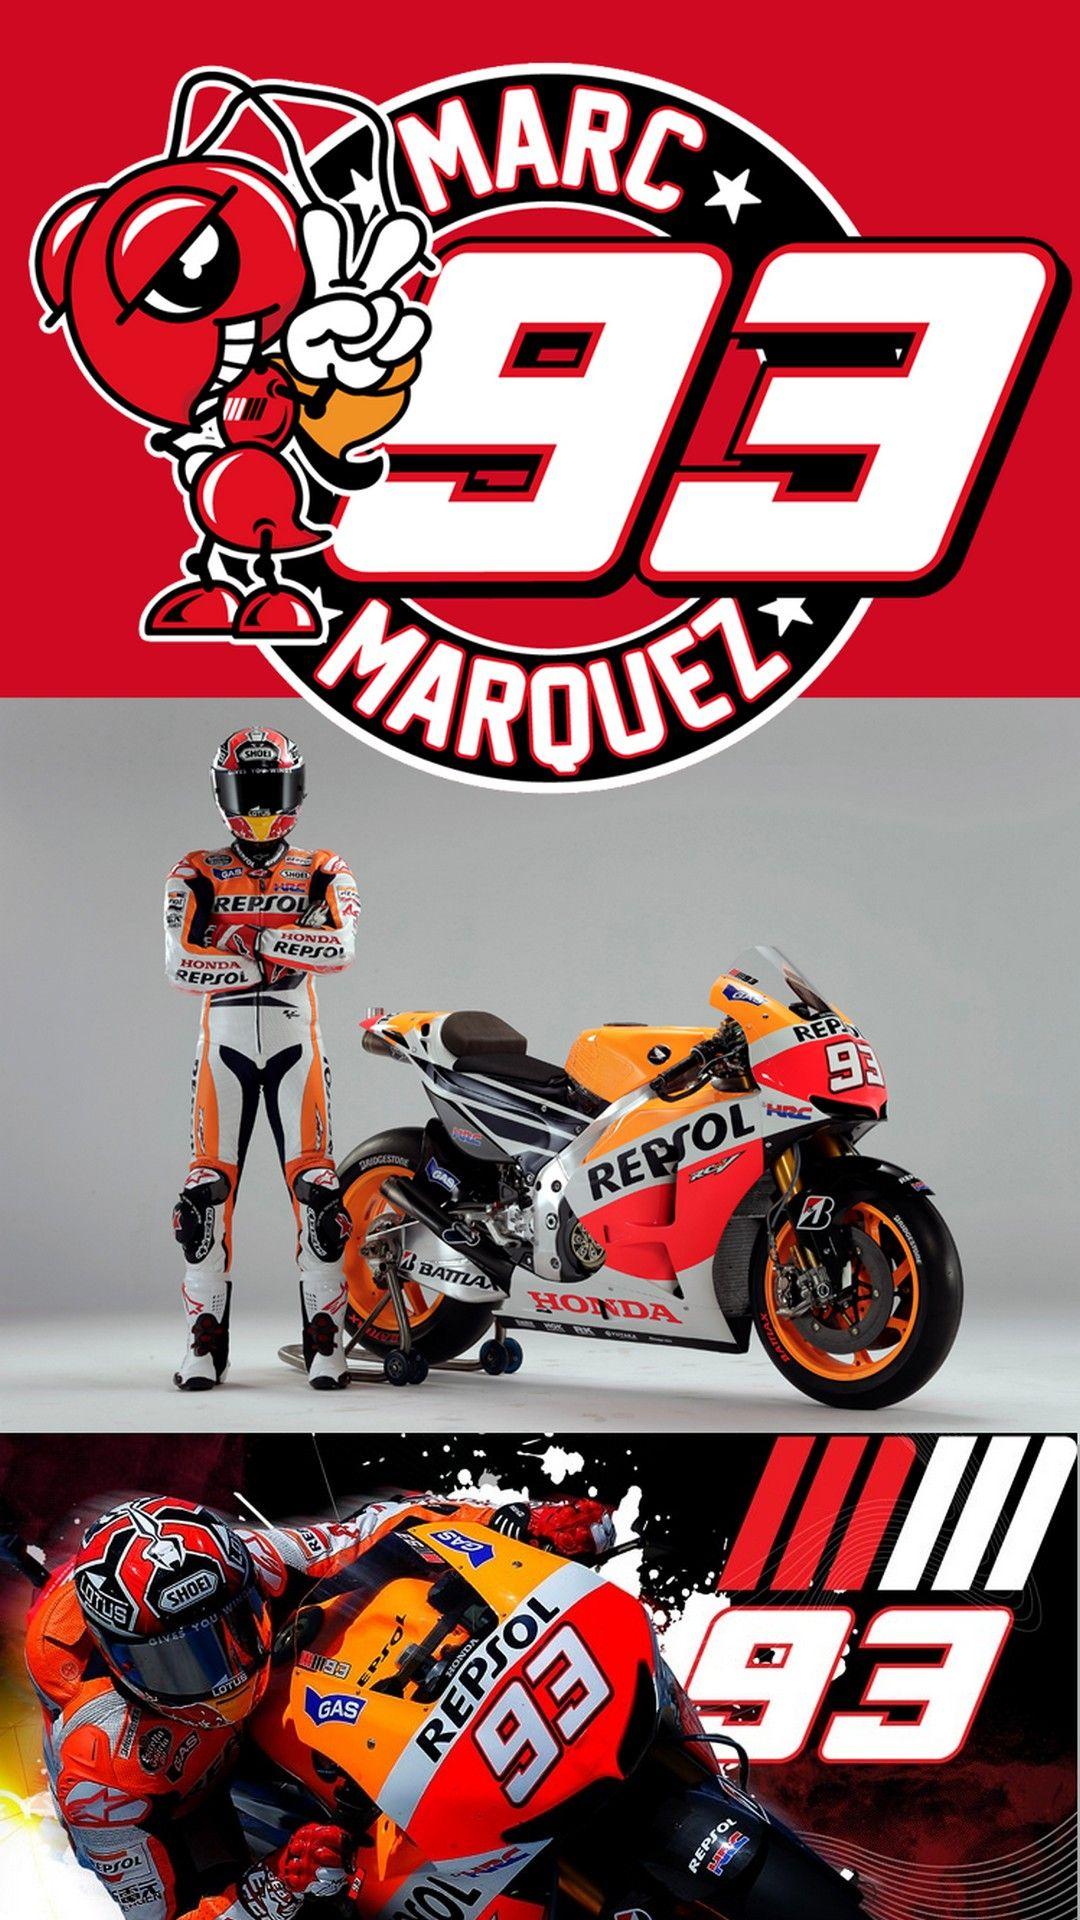 Motogp Marc Marquez Iphone Wallpaper Best Iphone Wallpaper Marc Marquez Motogp Marquez